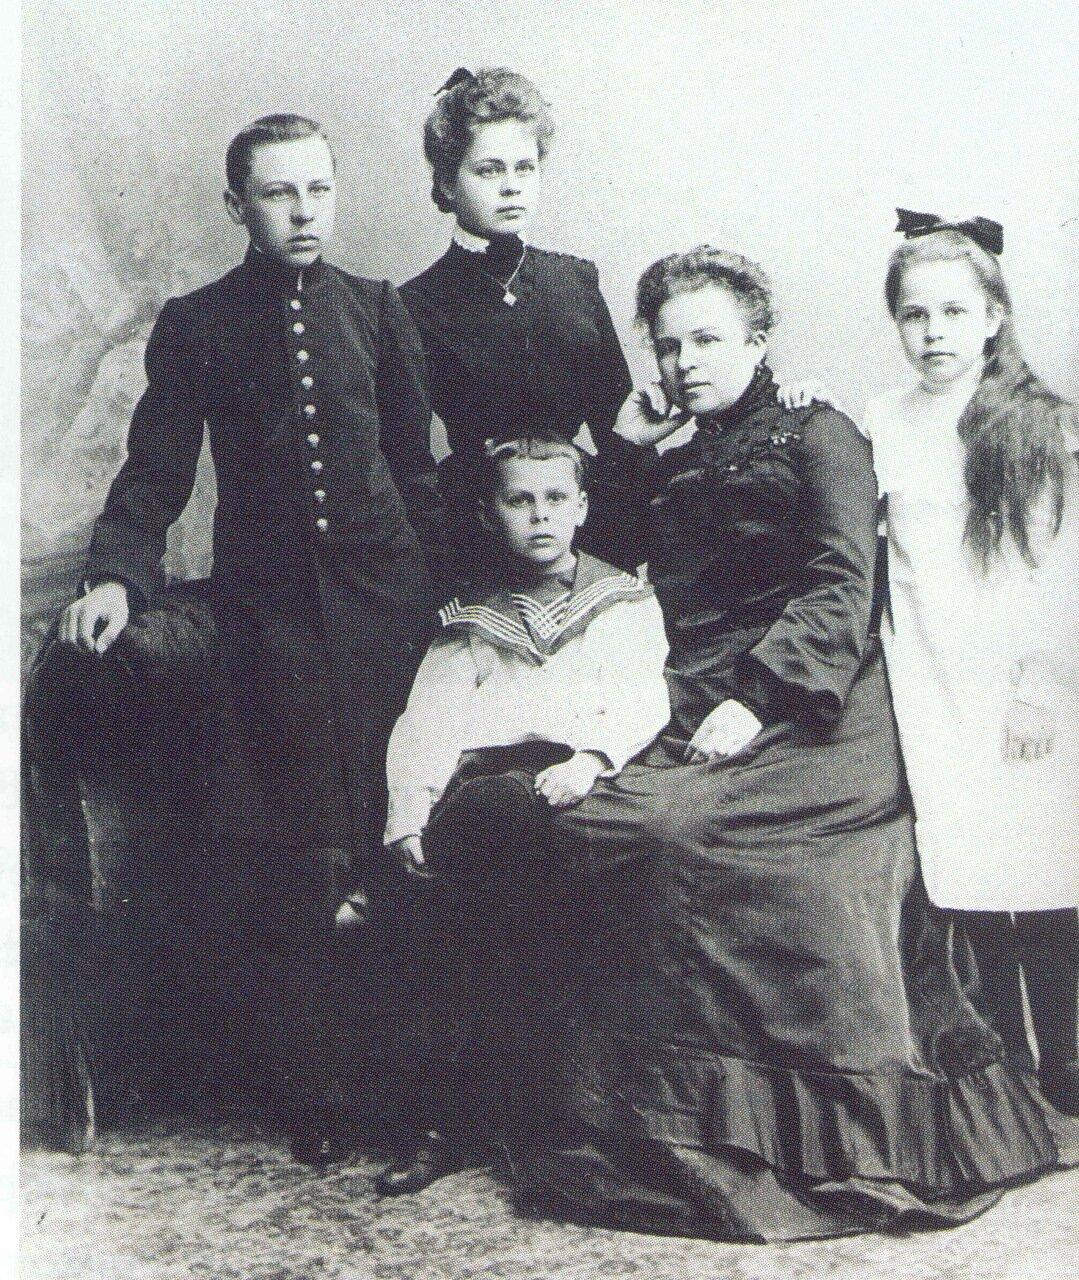 1900. Семья Терениных. Слева стоят дети Василий и Любовь. Сидят младший сын Саша, мать Мария Акимовна и дочь Ольга